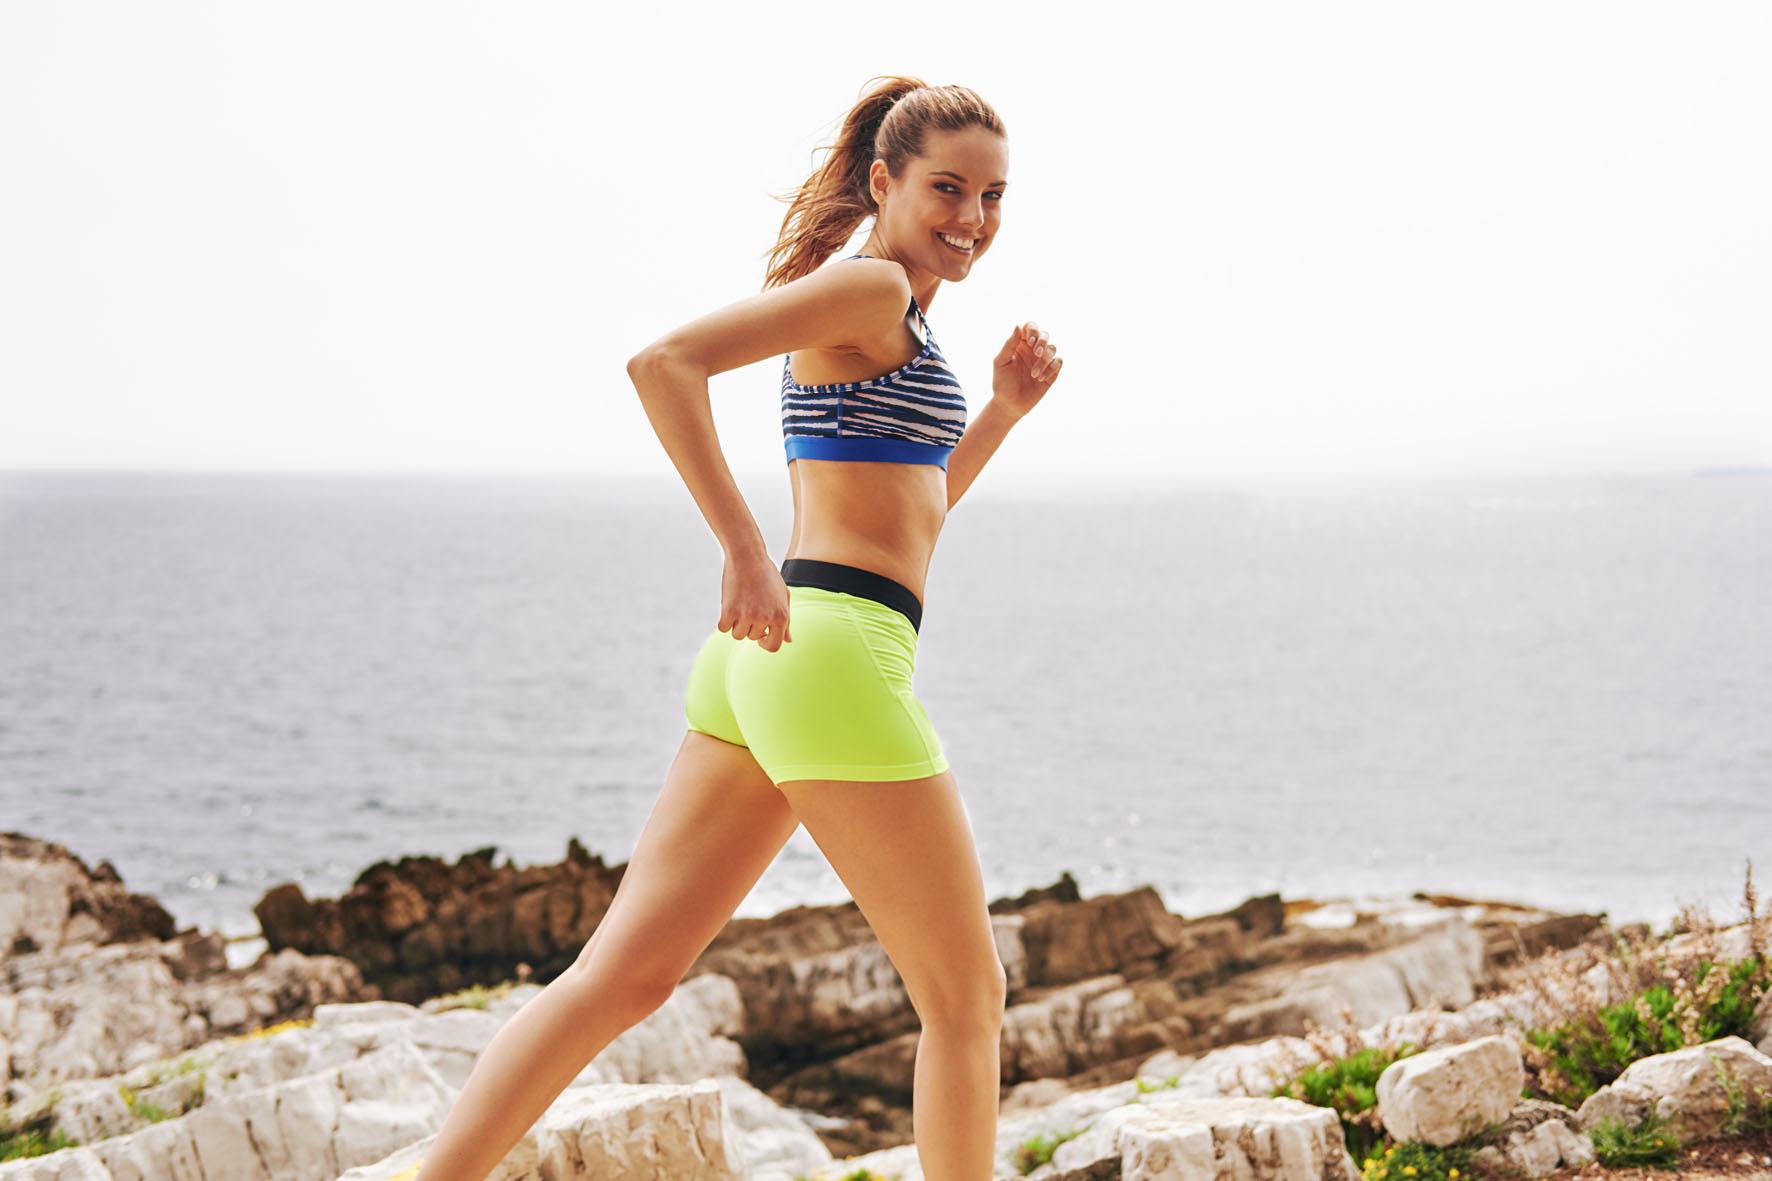 Stephanie joggt in den Bergen